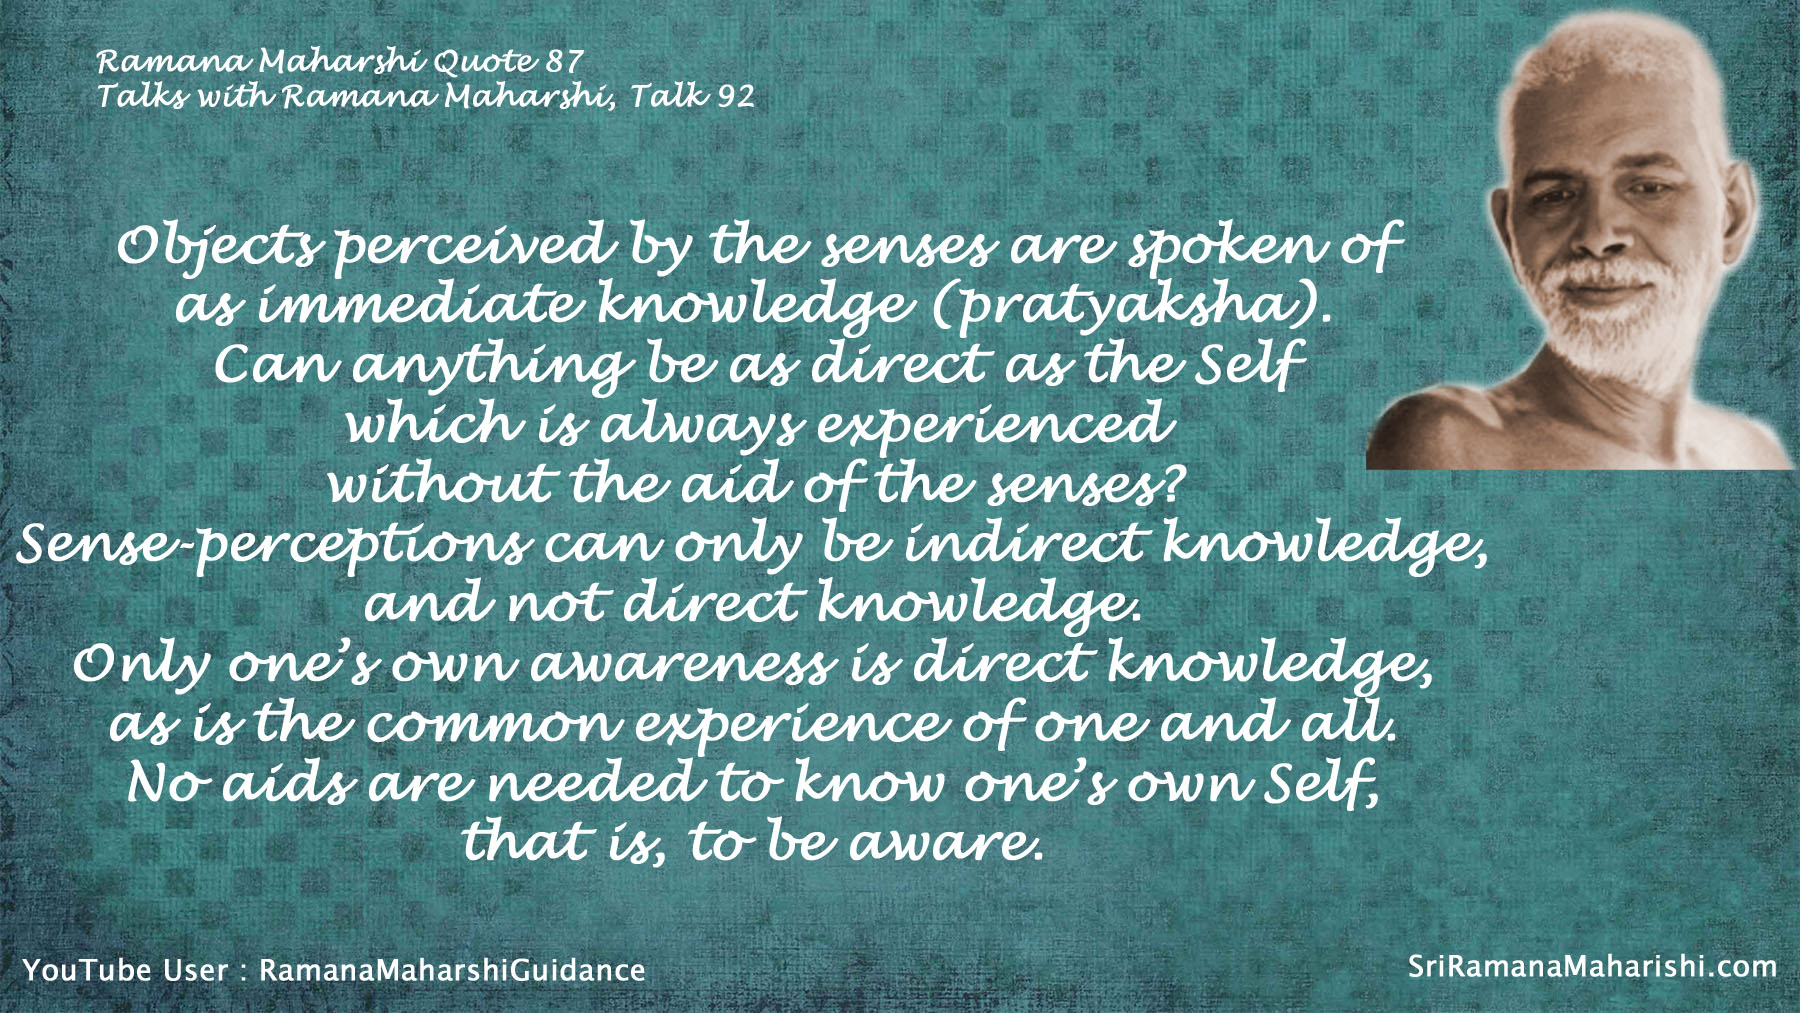 Ramana Maharshi Quote 87